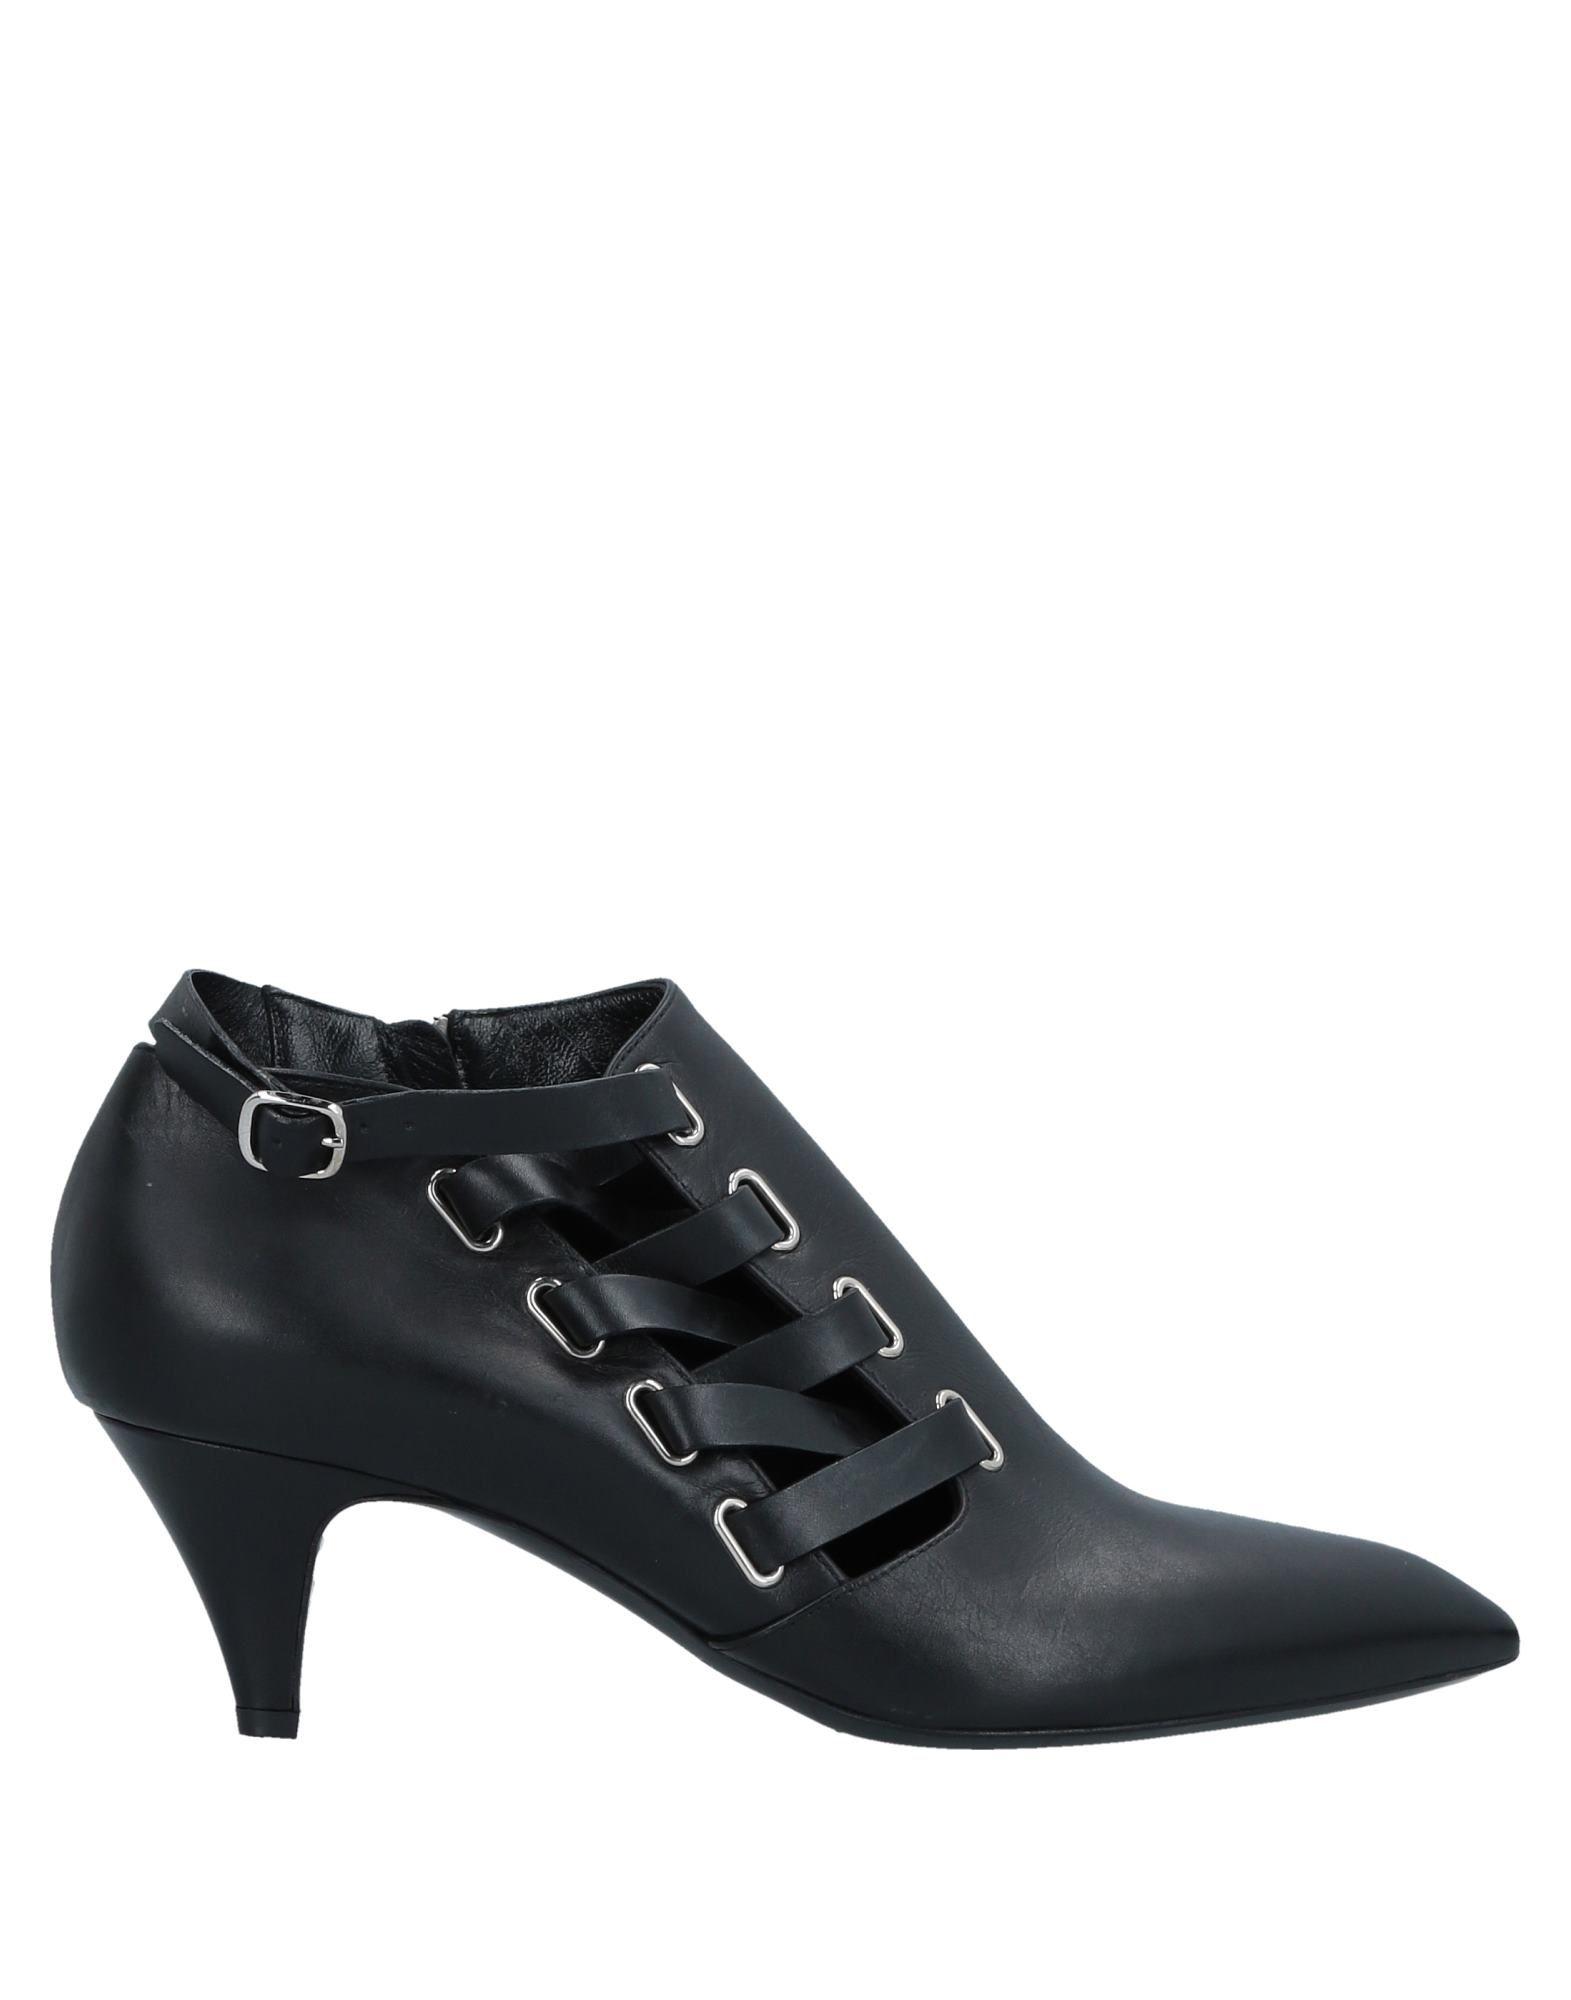 Casadei Heiße Stiefelette Damen  11515244UN Heiße Casadei Schuhe 3cad3b